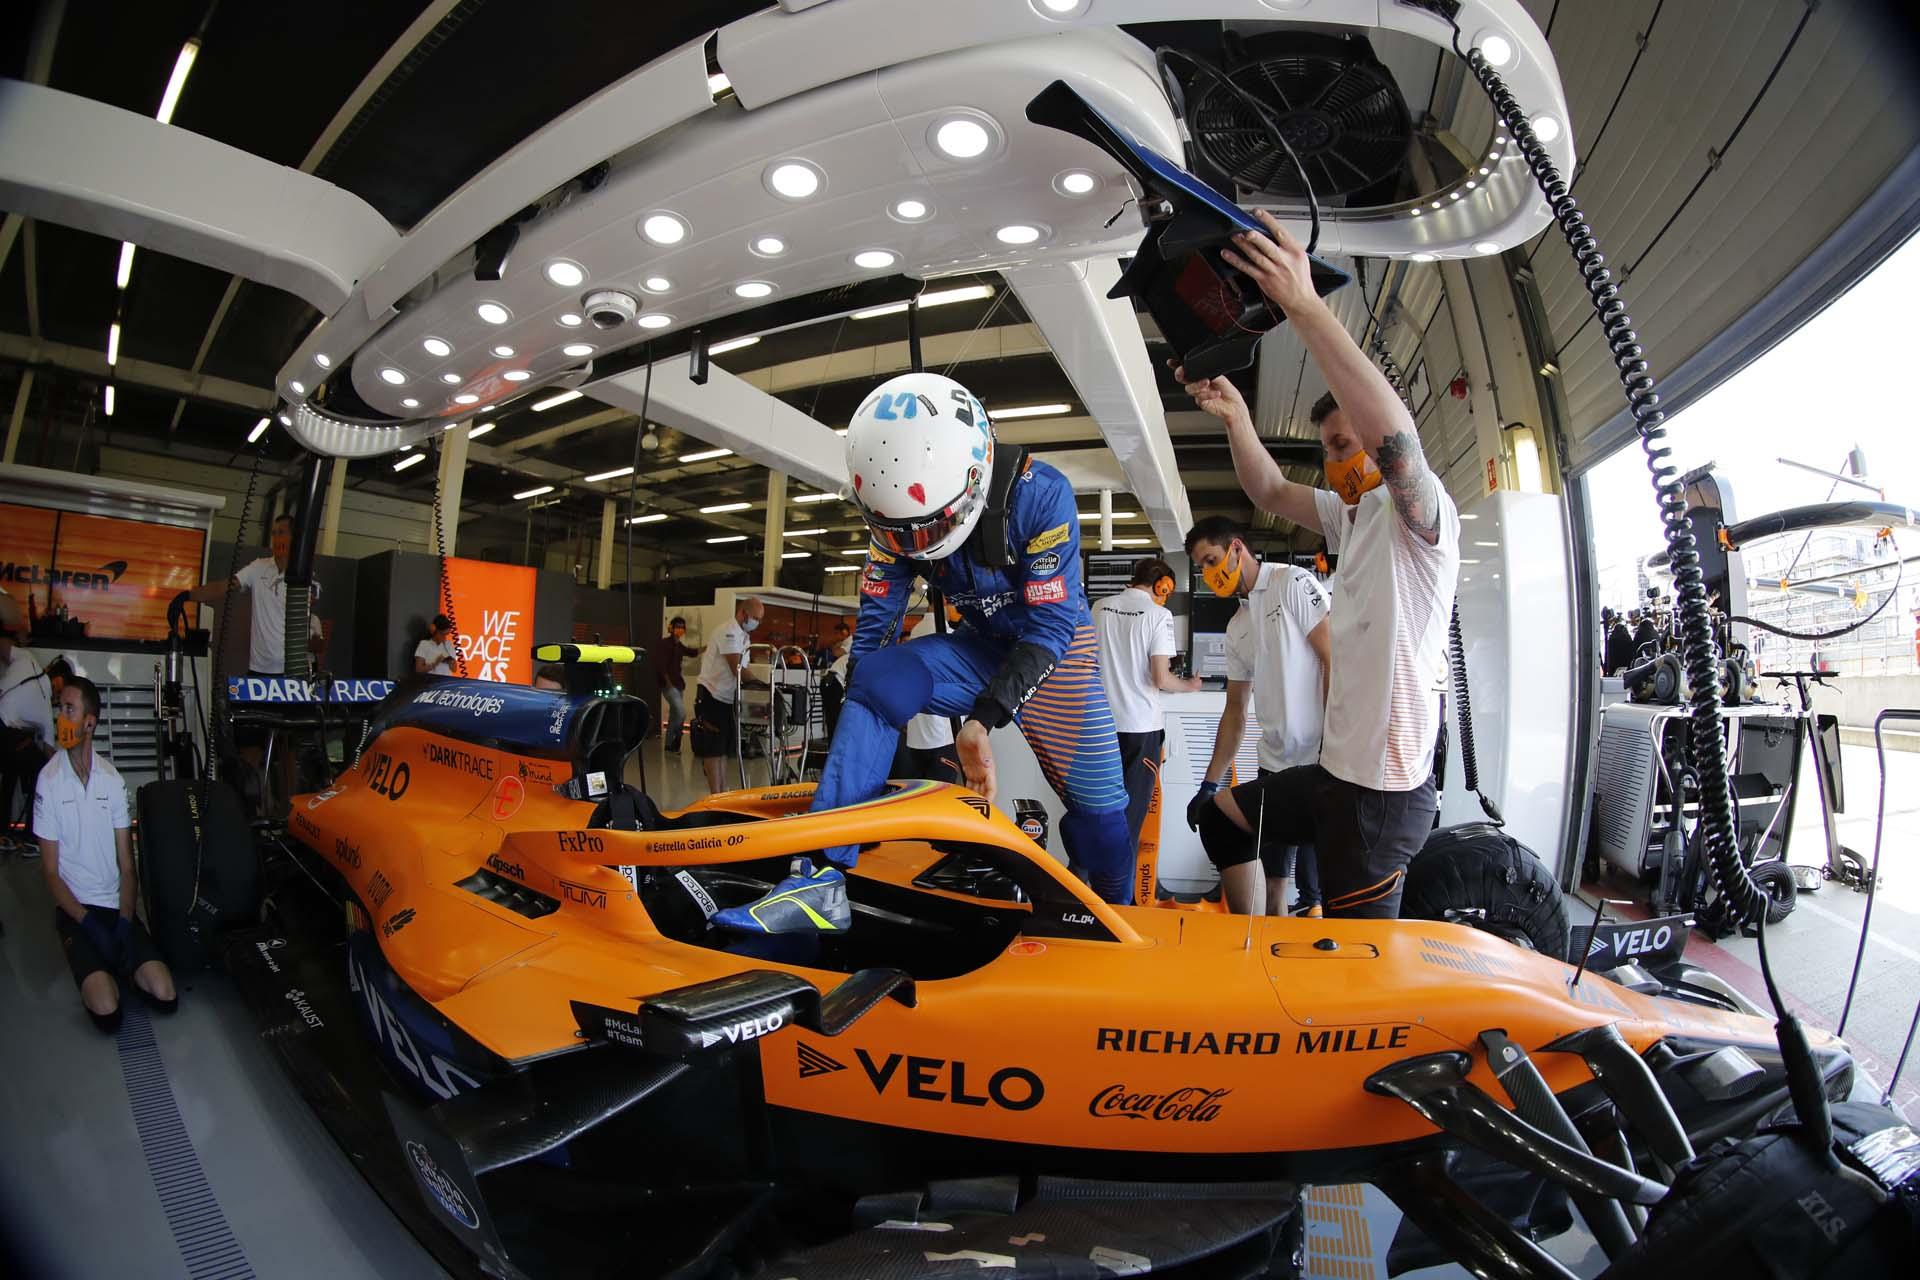 Lando Norris, McLaren MCL35 in the garage